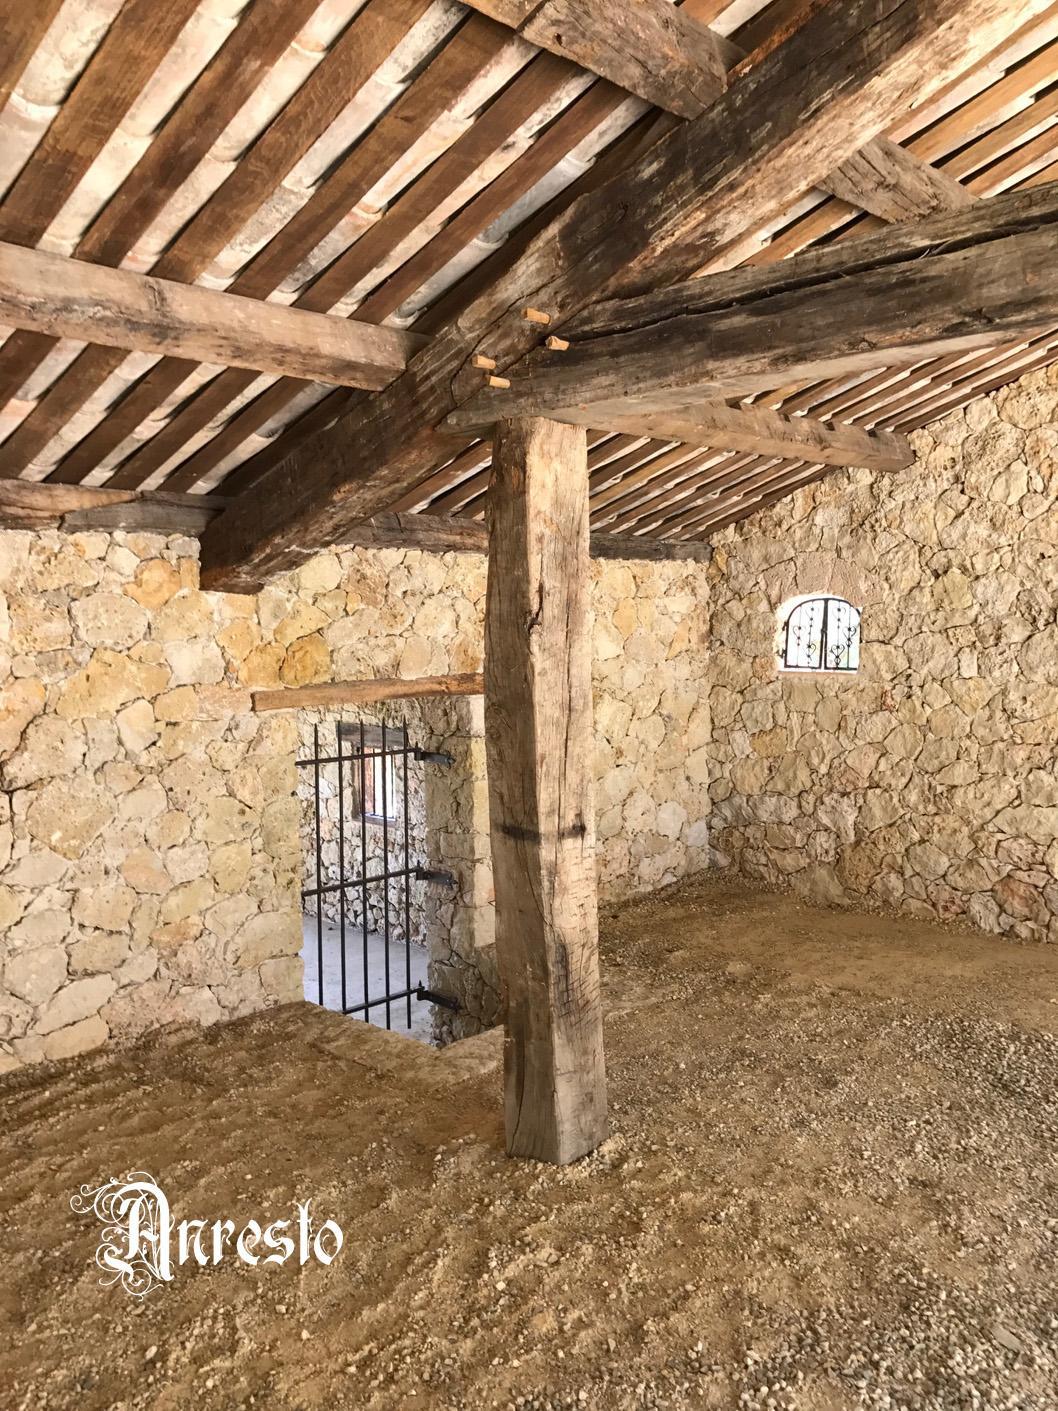 Ref. 12 - Antieke bouwmaterialen, oude historische bouwmaterialen